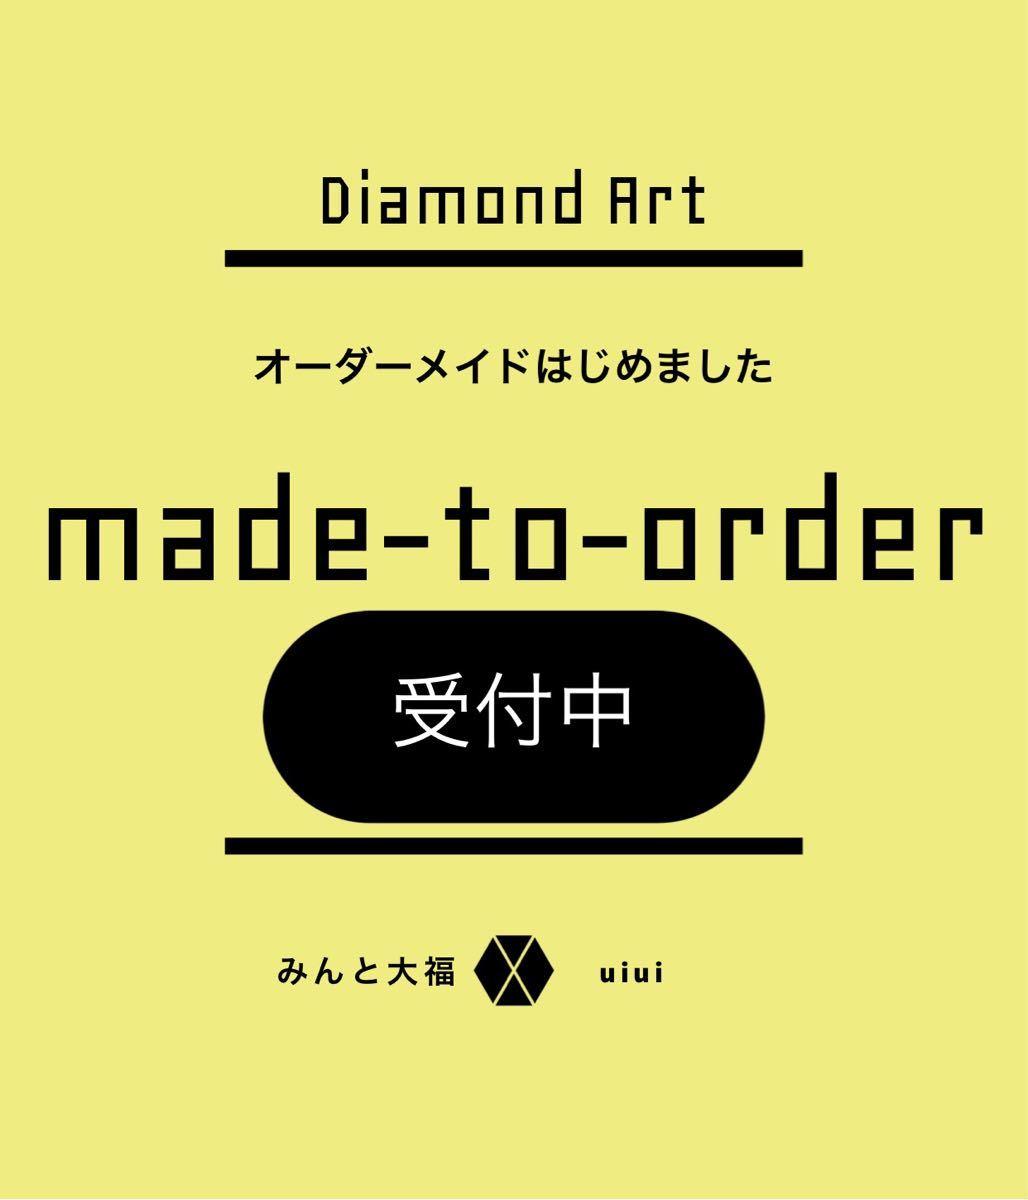 オーダー ダイヤモンド アート